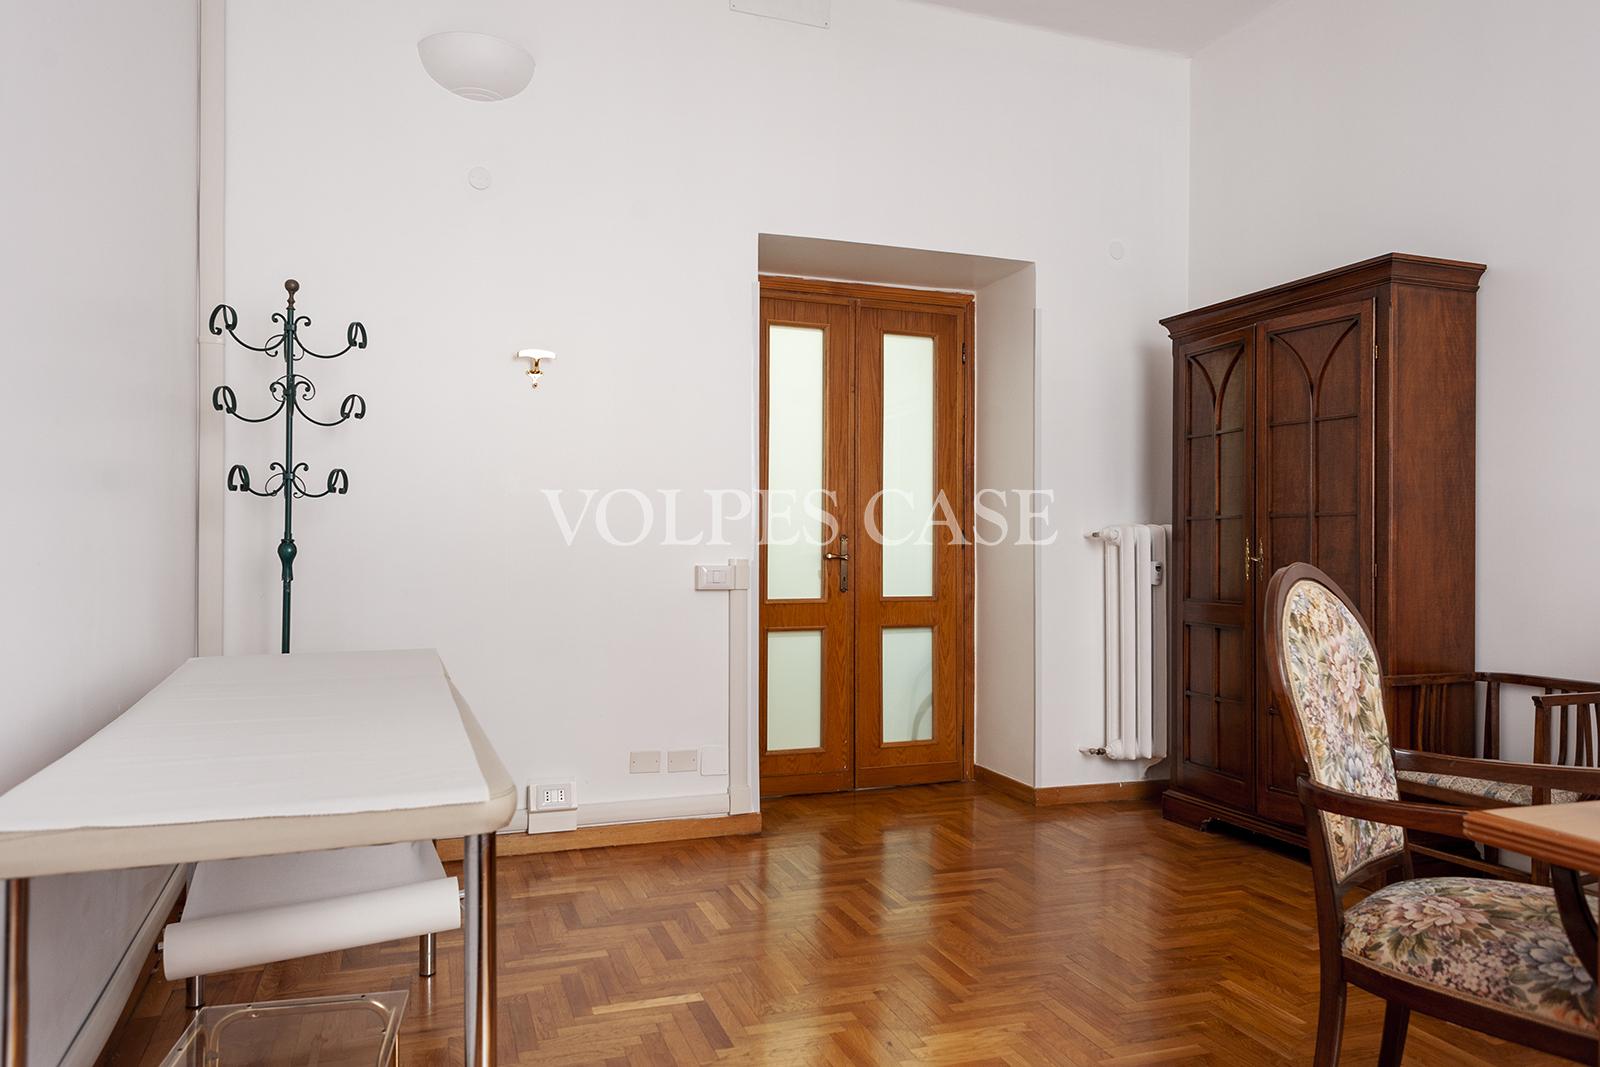 Studio ufficio in affitto a roma cod v45 3949 for Ufficio in affitto roma eur